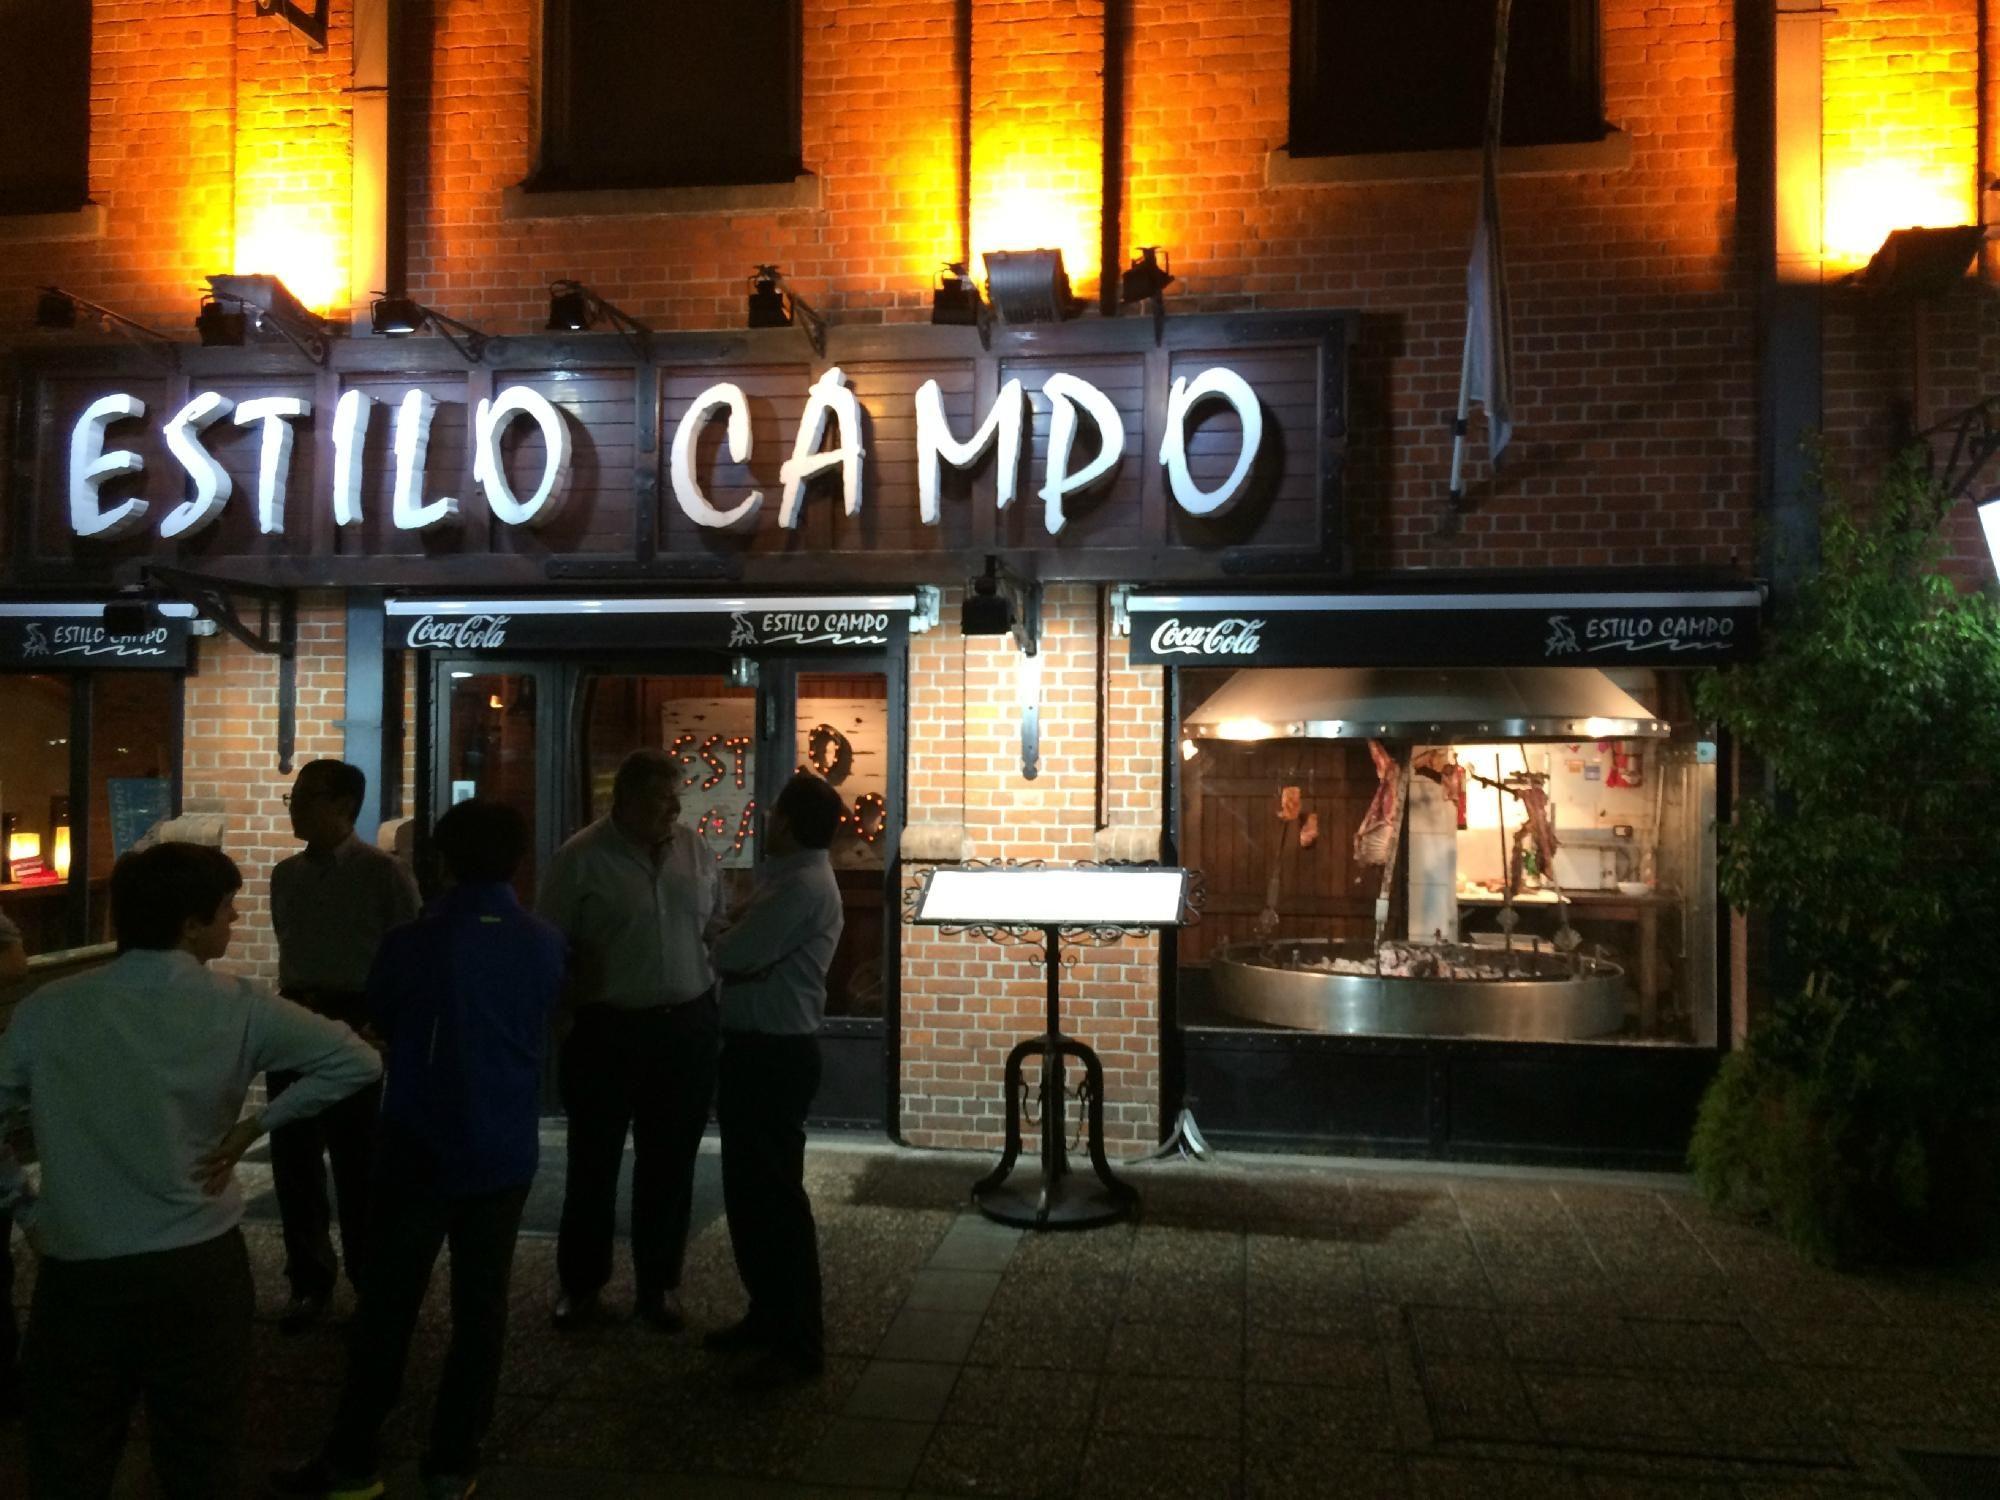 Restaurant Estilo Campo Broadway shows, Trip advisor